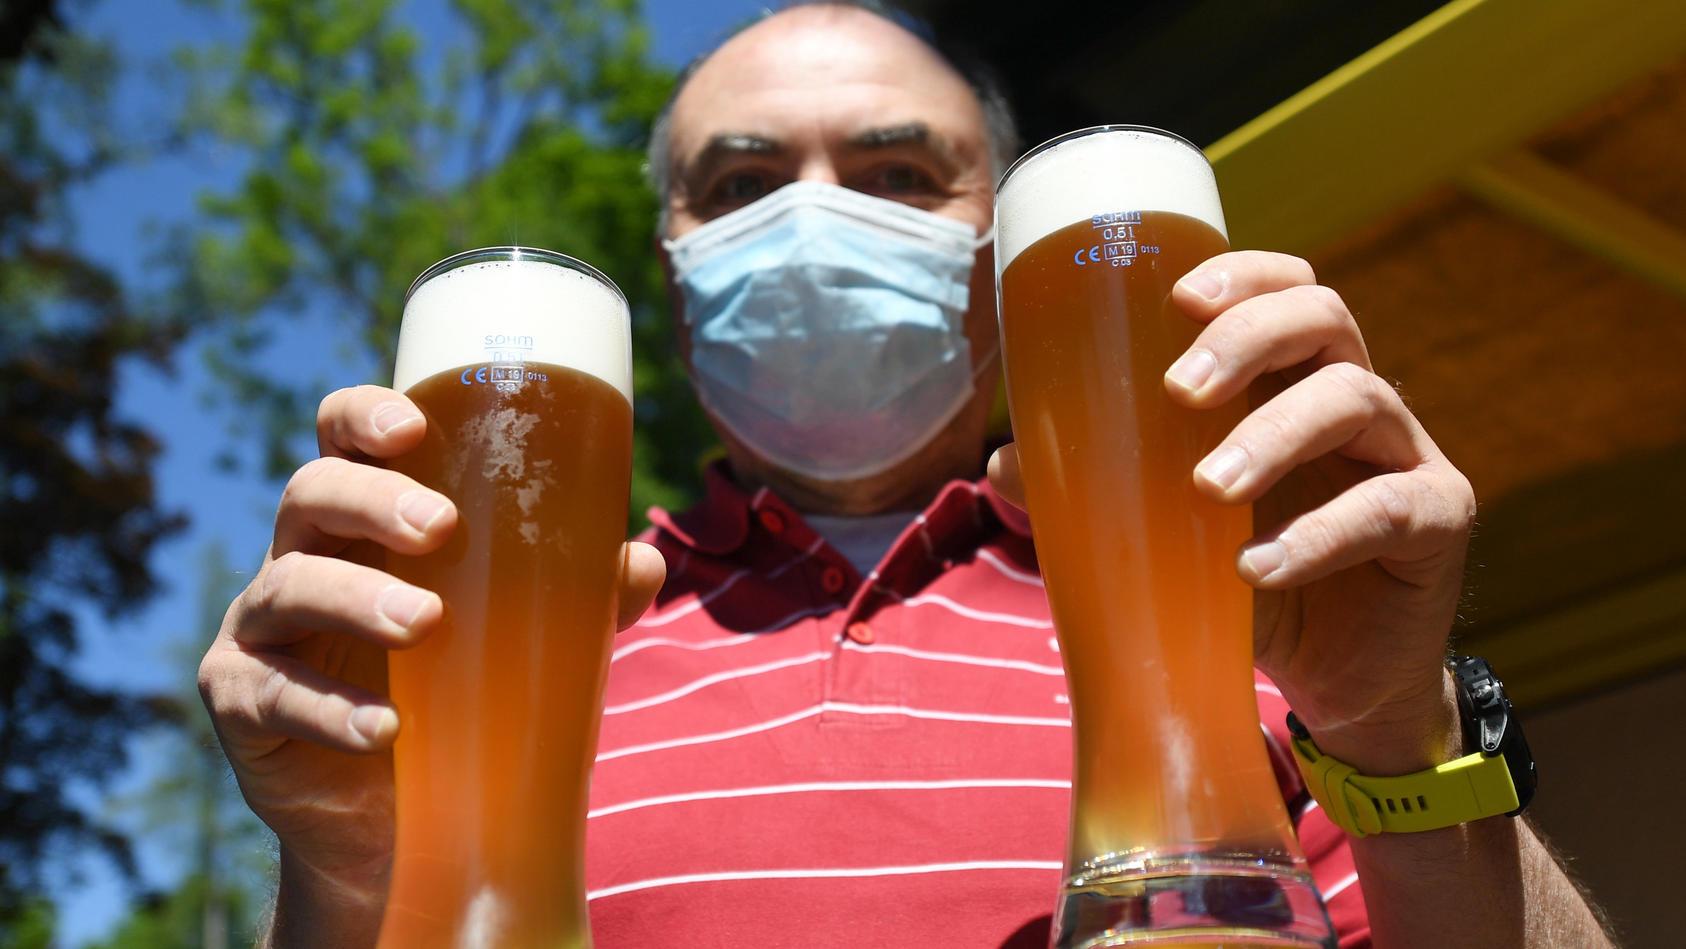 Erinnern Sie sich an den letzten Sommer? Wie wir draußen mit Freunden im Biergarten gesessen haben? Diese Bilder heute  zu sehen, erscheint unwirklich.